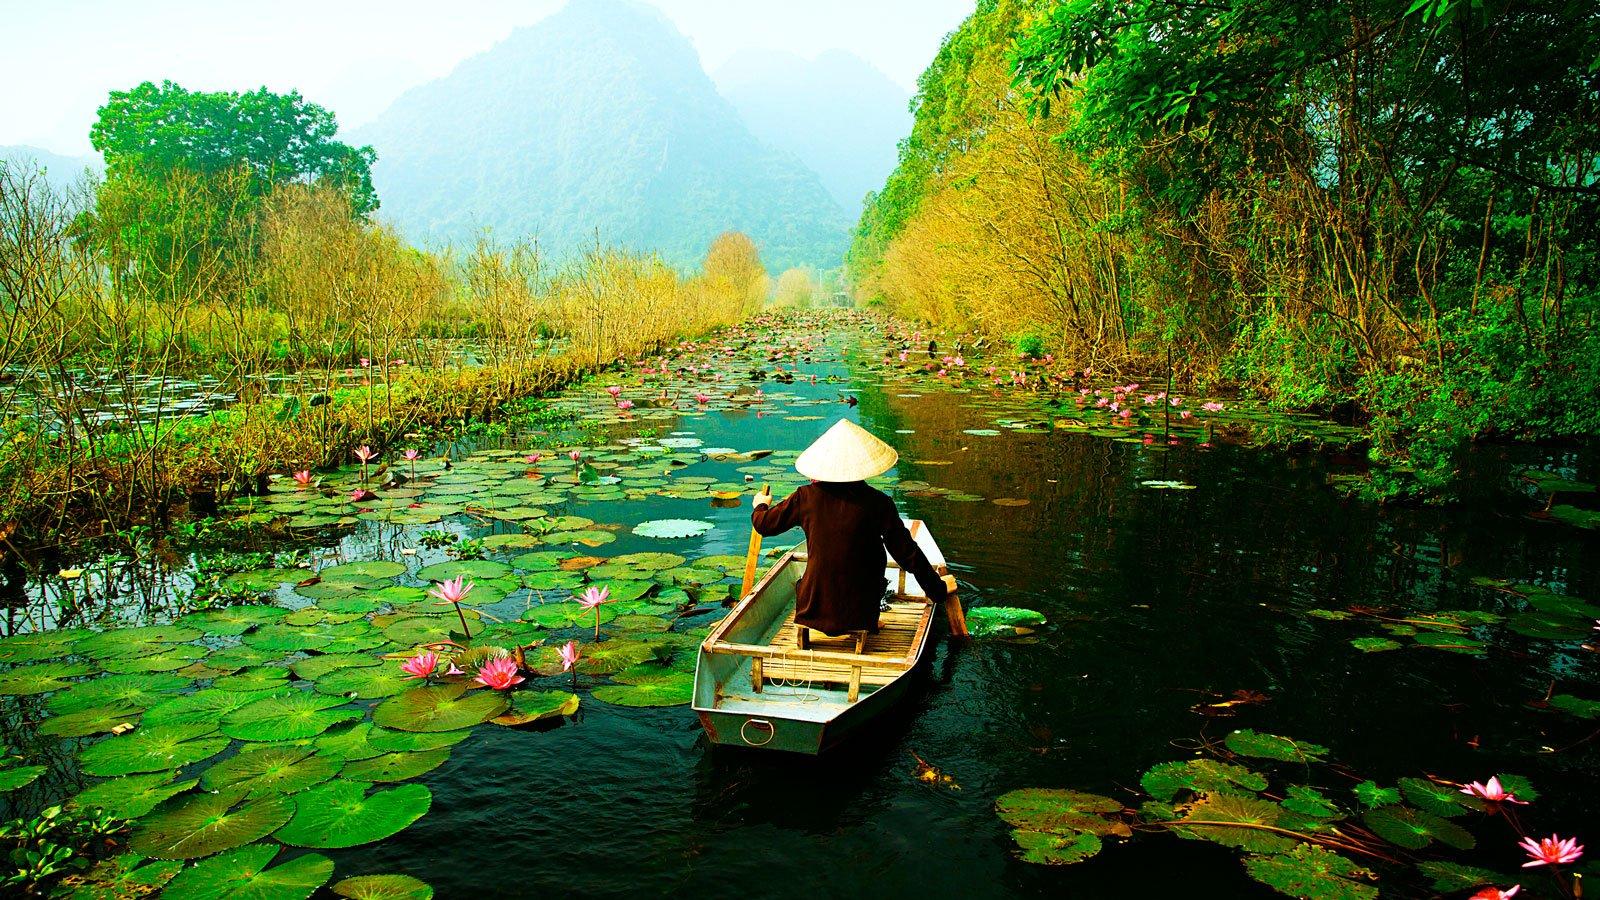 تور ترکیبی ویتنام تاریخ 16 بهمن